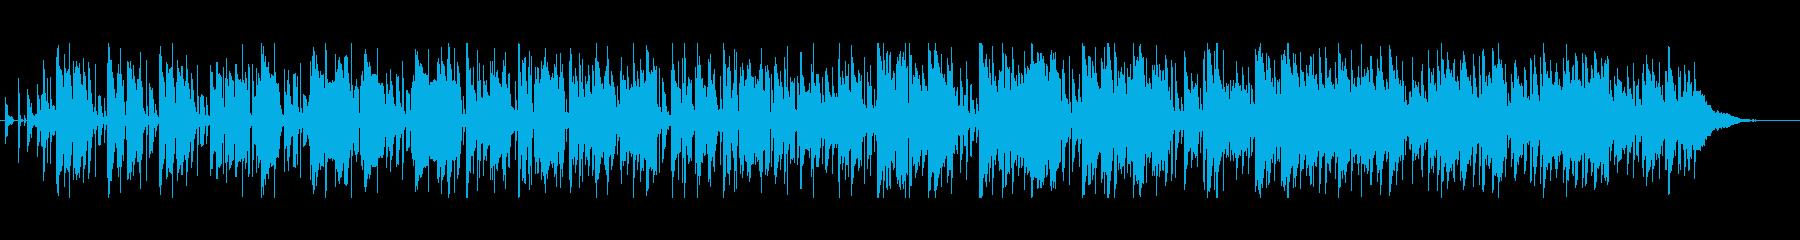 英語/女性/洋楽R&B/チル/ポップスの再生済みの波形